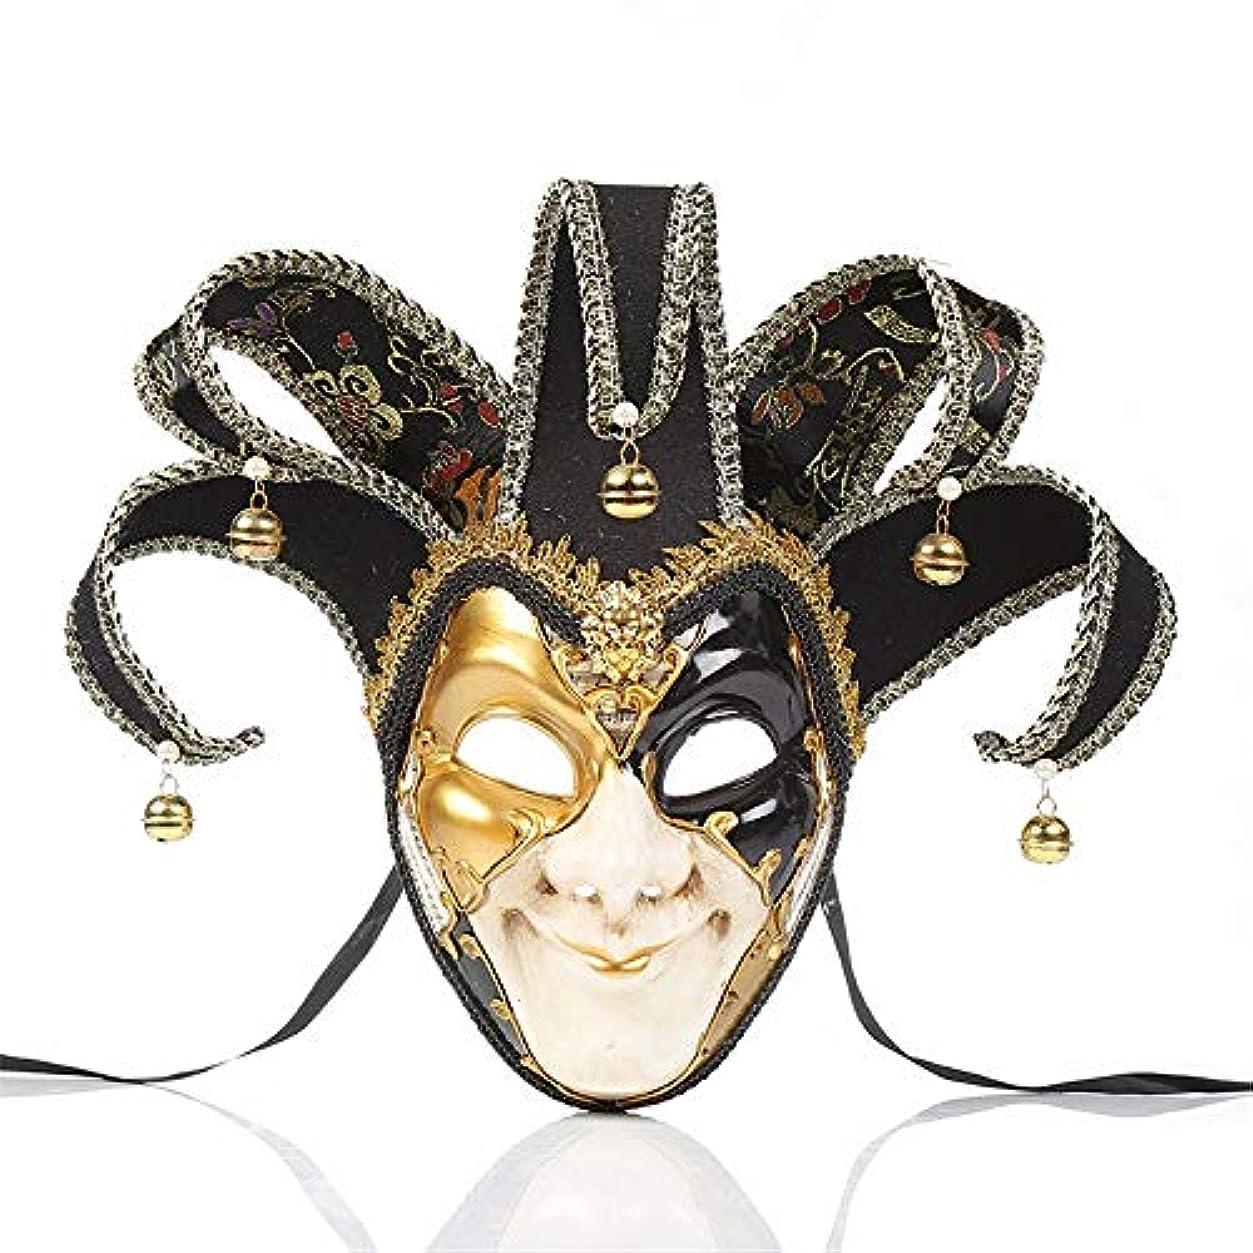 紳士慰め断言するダンスマスク ピエロマスクハロウィーンパフォーマンスパフォーマンス仮面舞踏会雰囲気用品祭りロールプレイングプラスチックマスク ホリデーパーティー用品 (色 : ブラック, サイズ : 39x33cm)